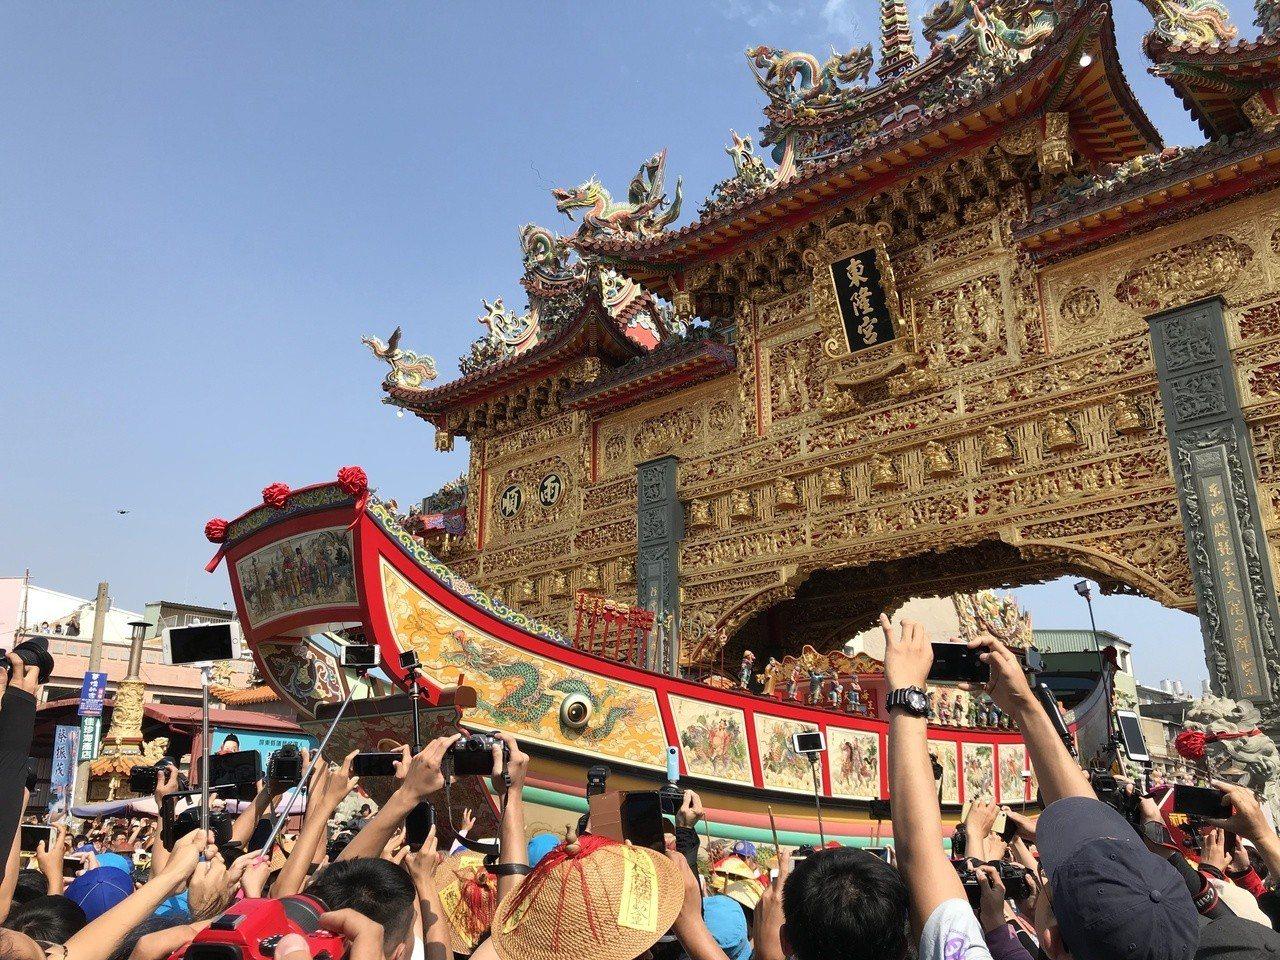 王船下午1點許遷出東隆宮黃金牌樓,吸引許多民眾前往爭相拍攝。記者蔣繼平/攝影